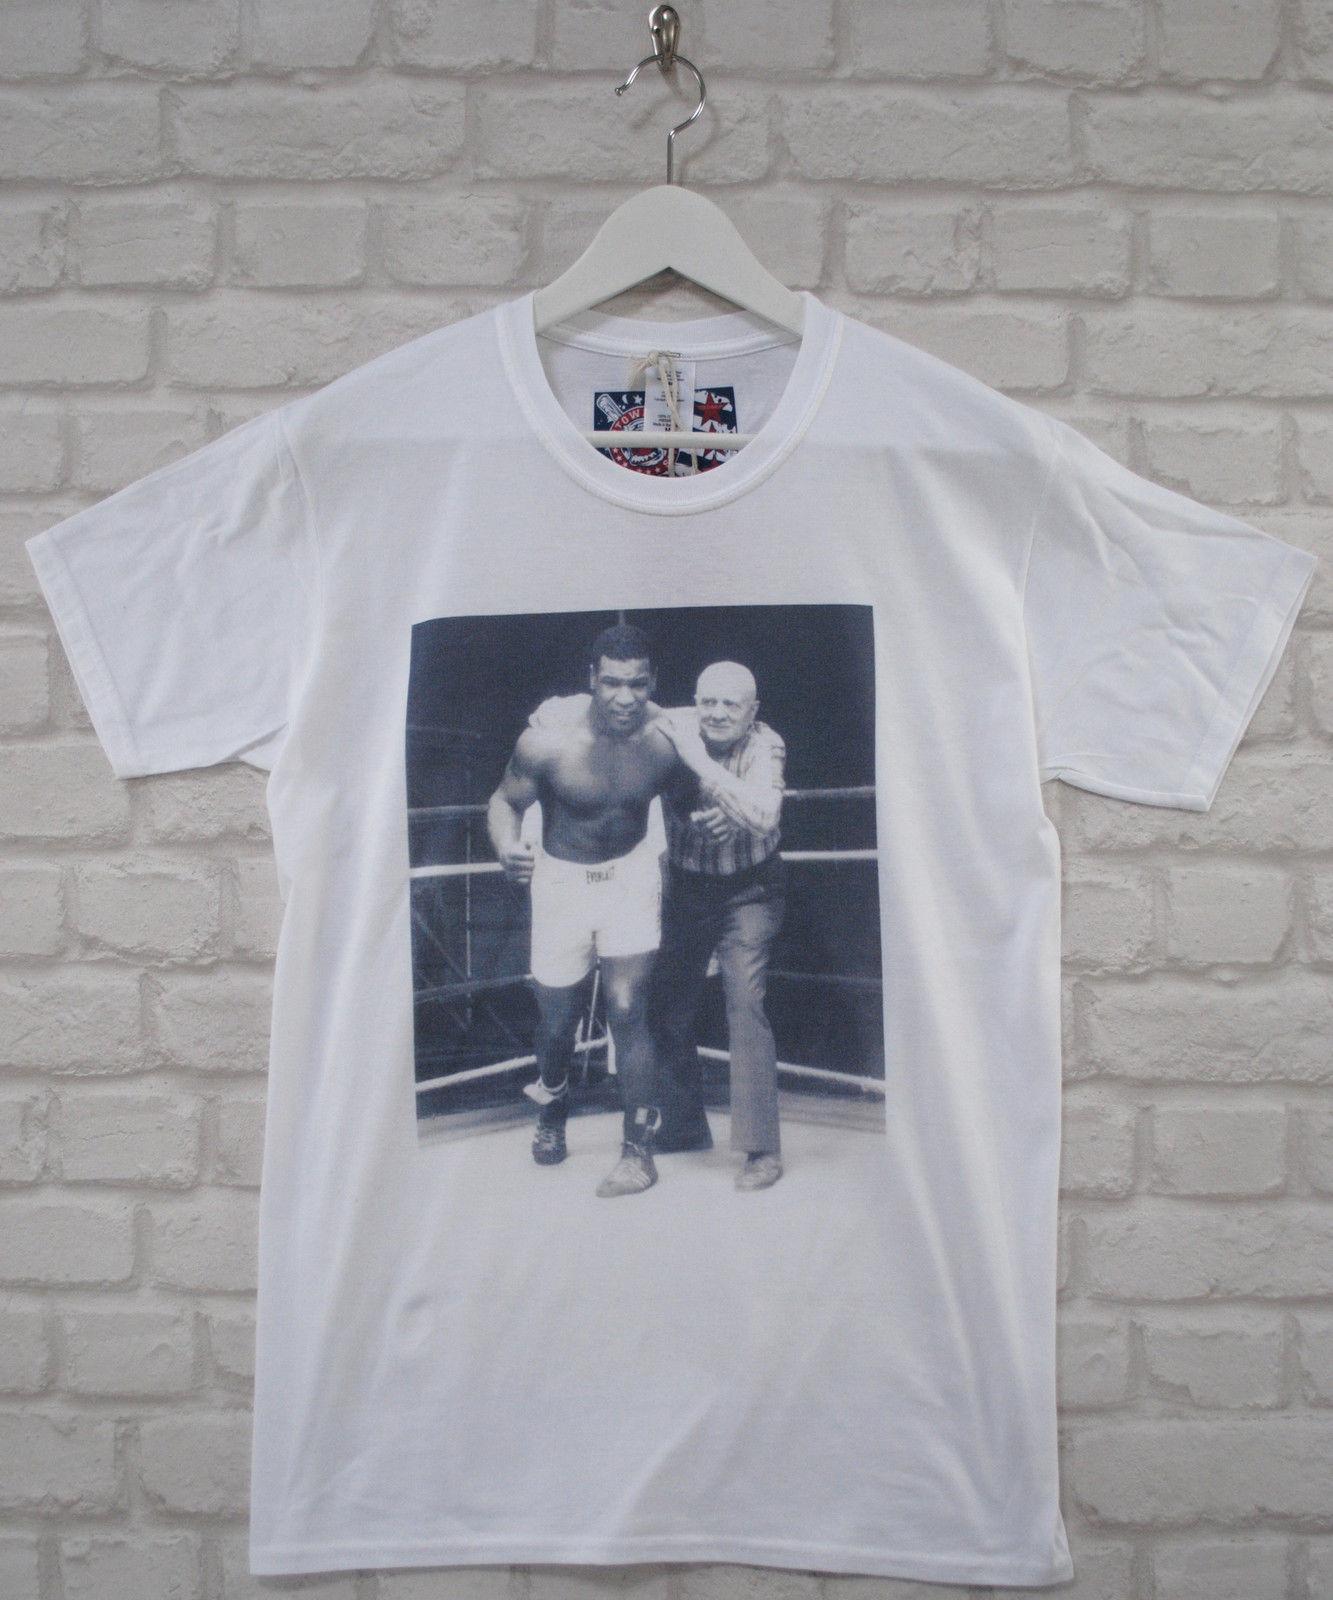 16593af994 Compre Mike Boxeo Cus Demato Camiseta Con Cuello Redondo En Color Blanco  Vintage Camiseta Tyson Camiseta De Manga Corta Y Talla Grande Camiseta Con  ...